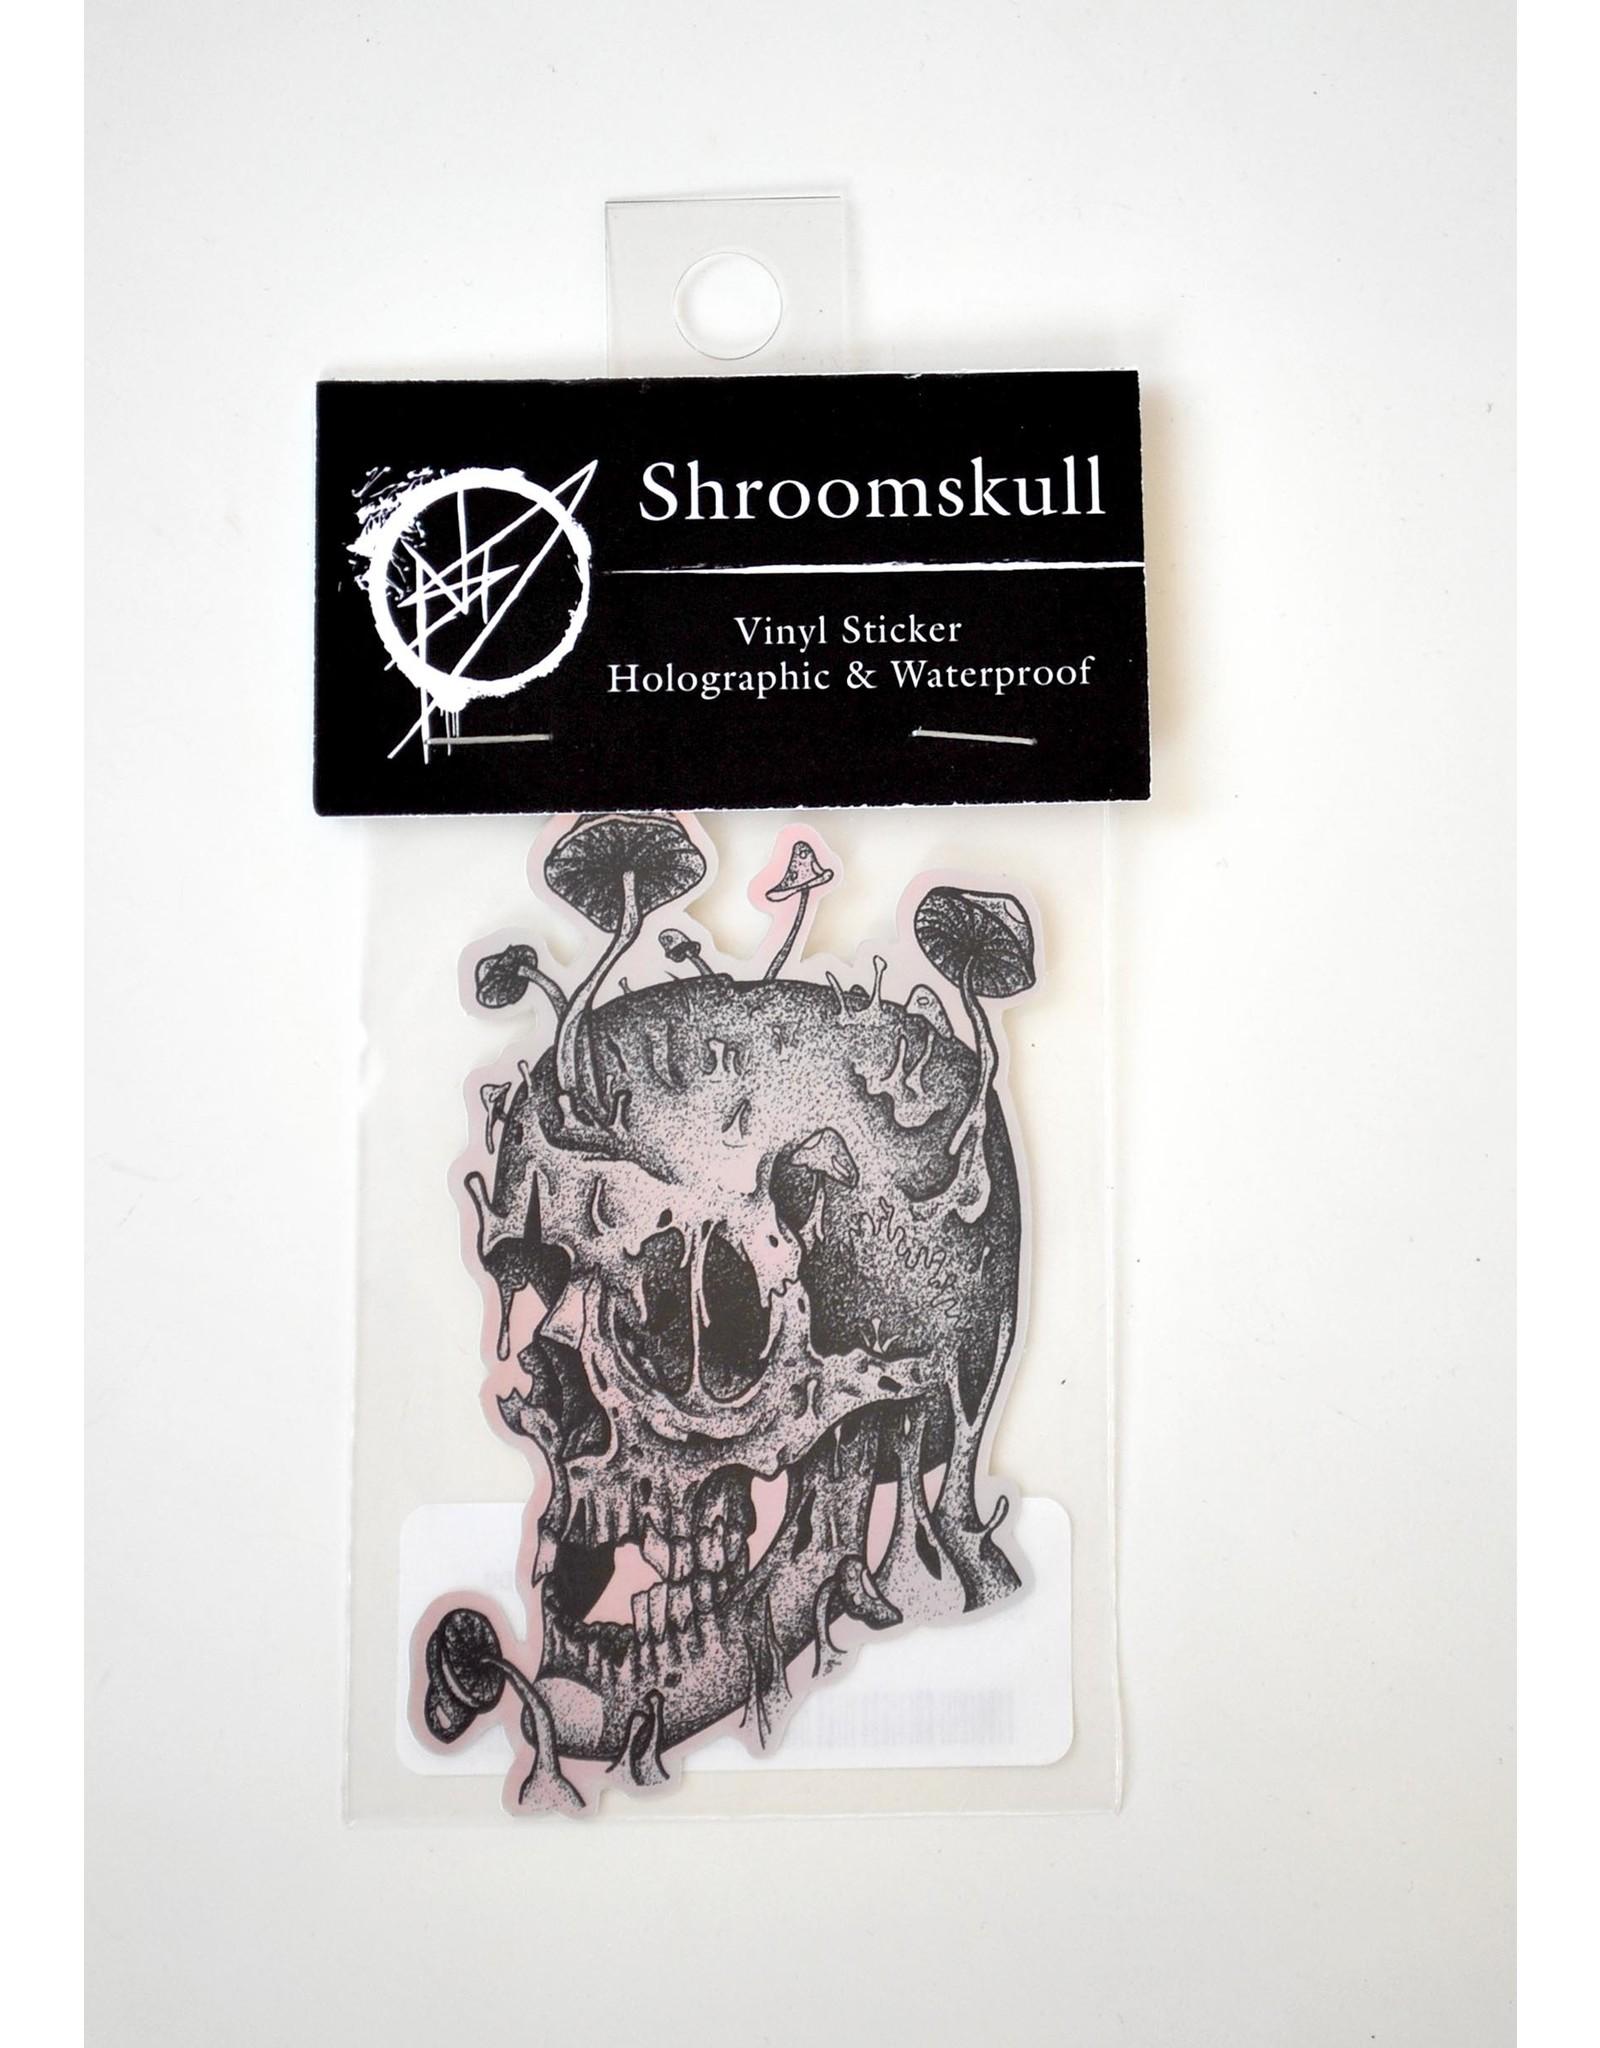 Shroomskull by Noah Durany